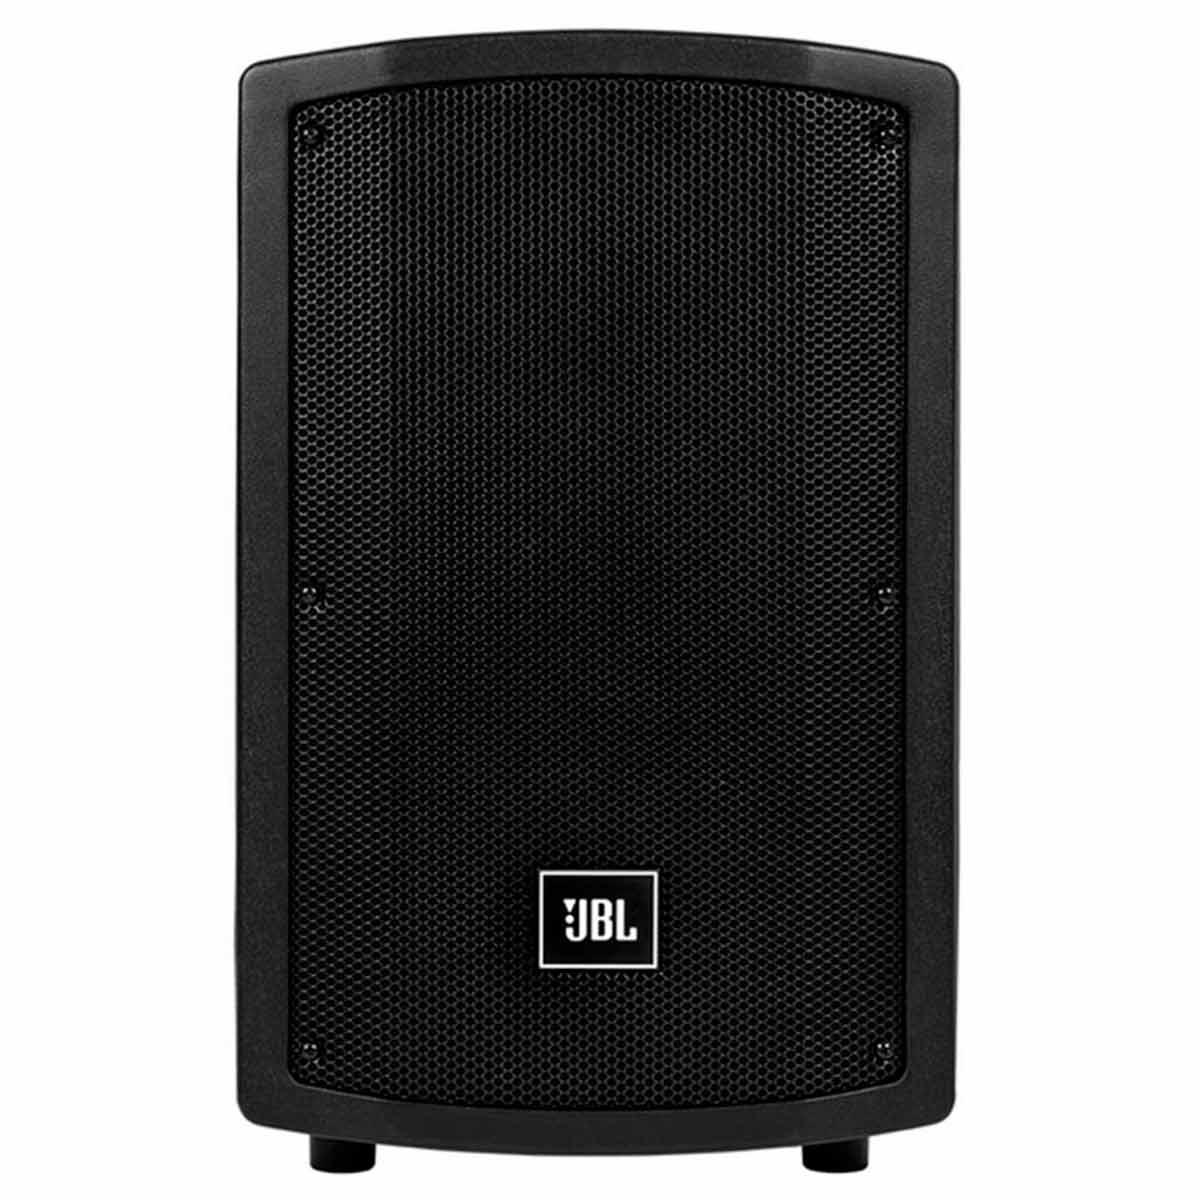 Caixa Ativa Fal 15 Pol 200W c/ USB / Bluetooth - JS 15 USB BT JBL